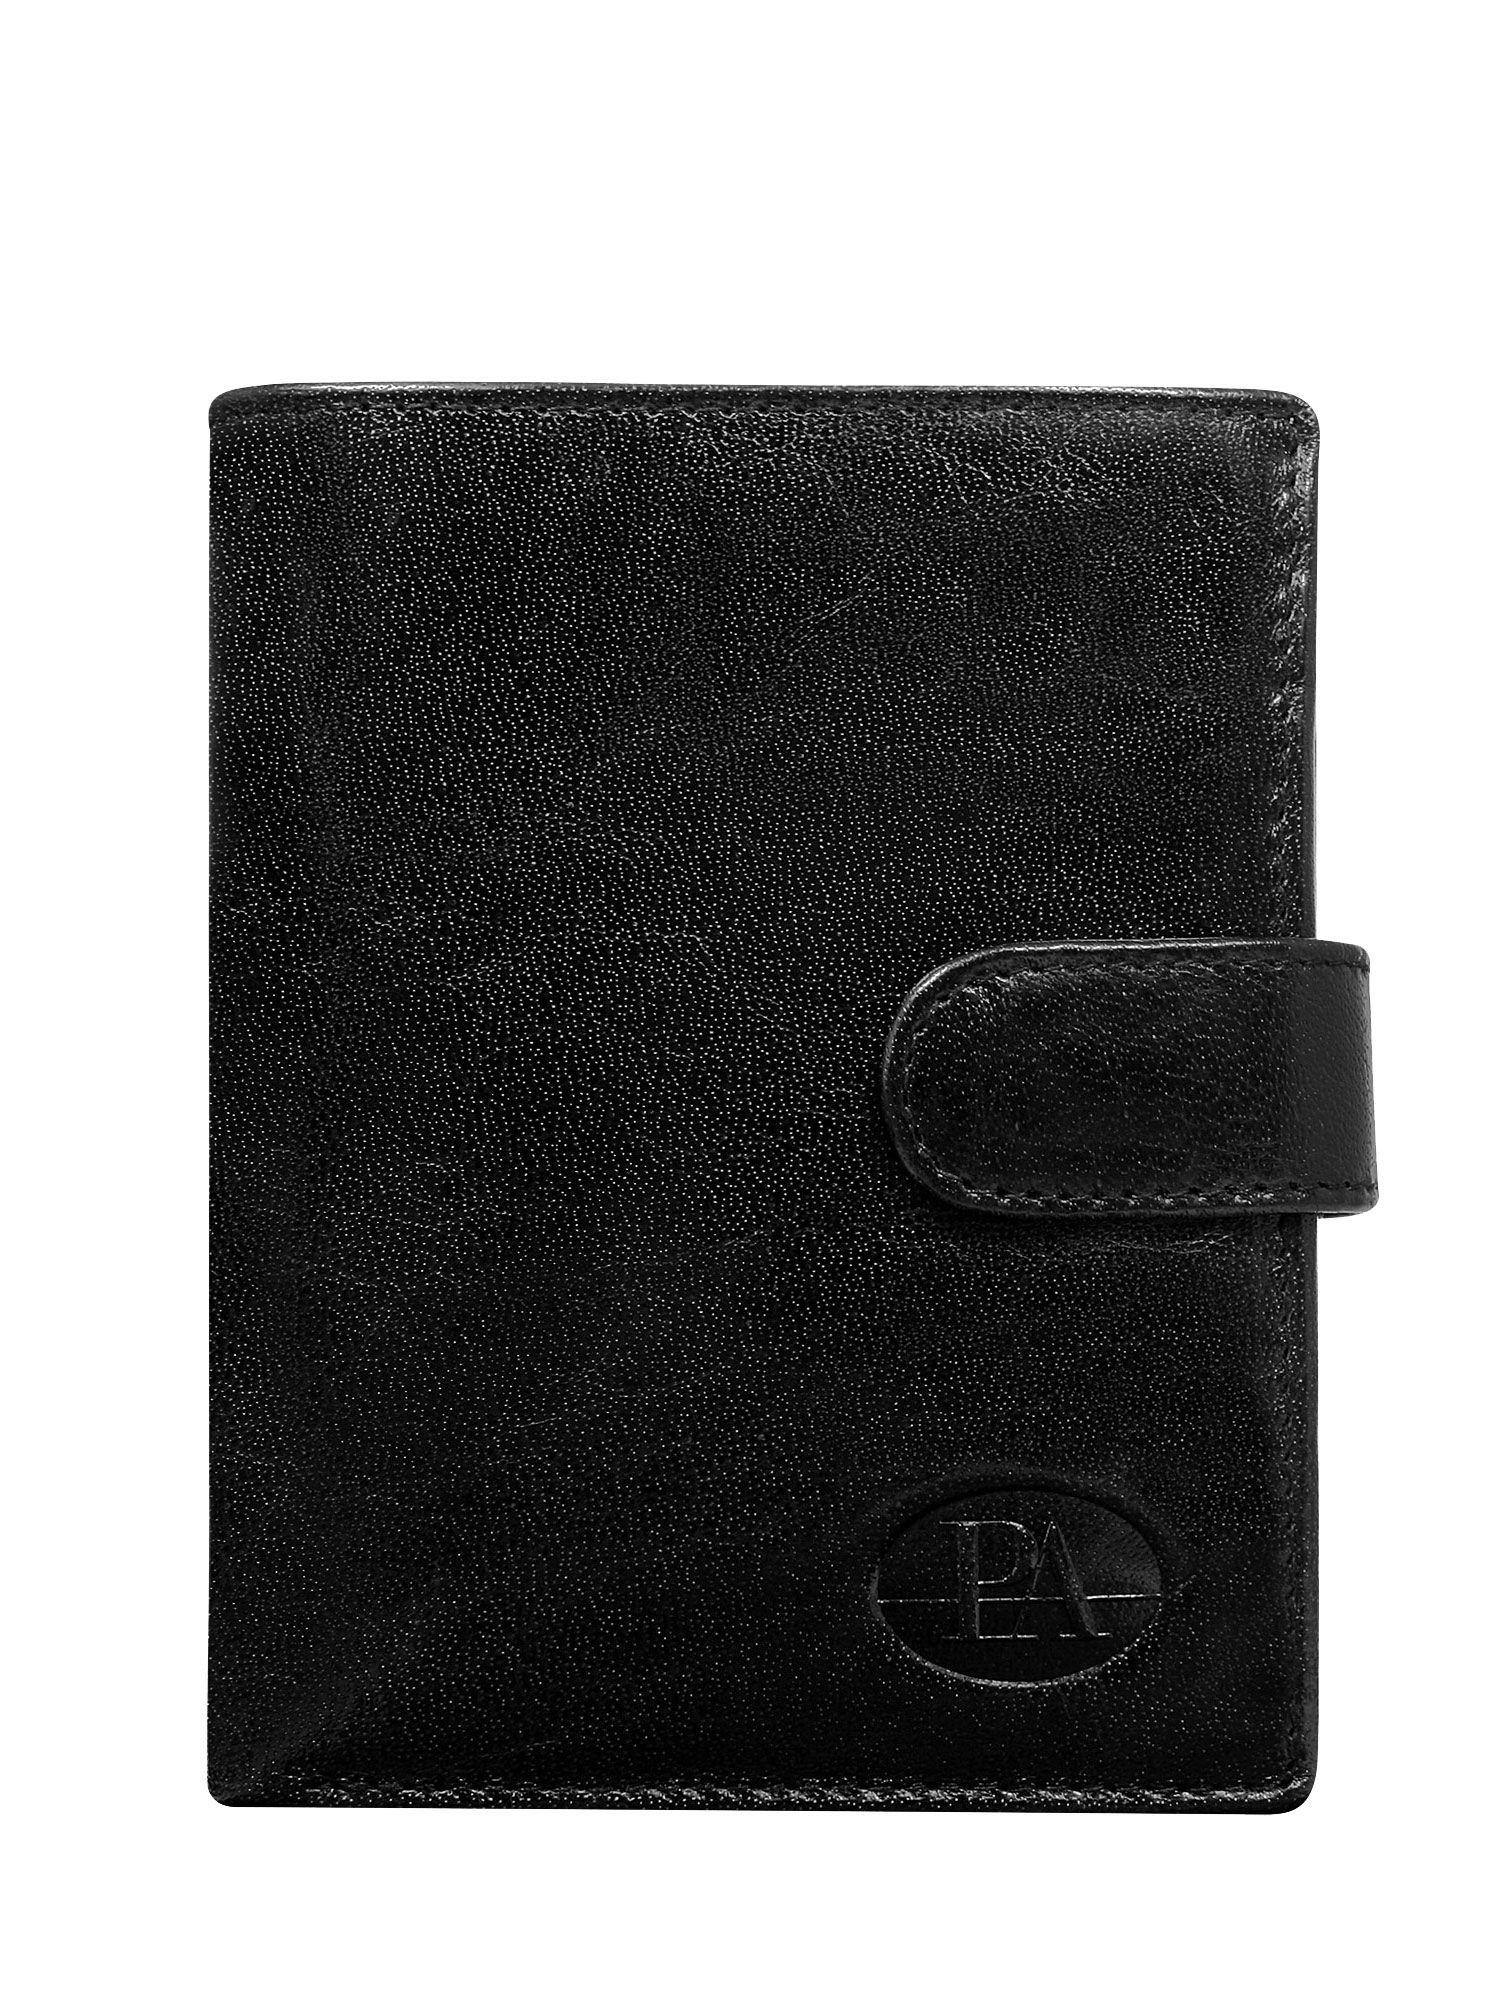 Pánska čierna kožená peňaženka so zapínaním na patent one size